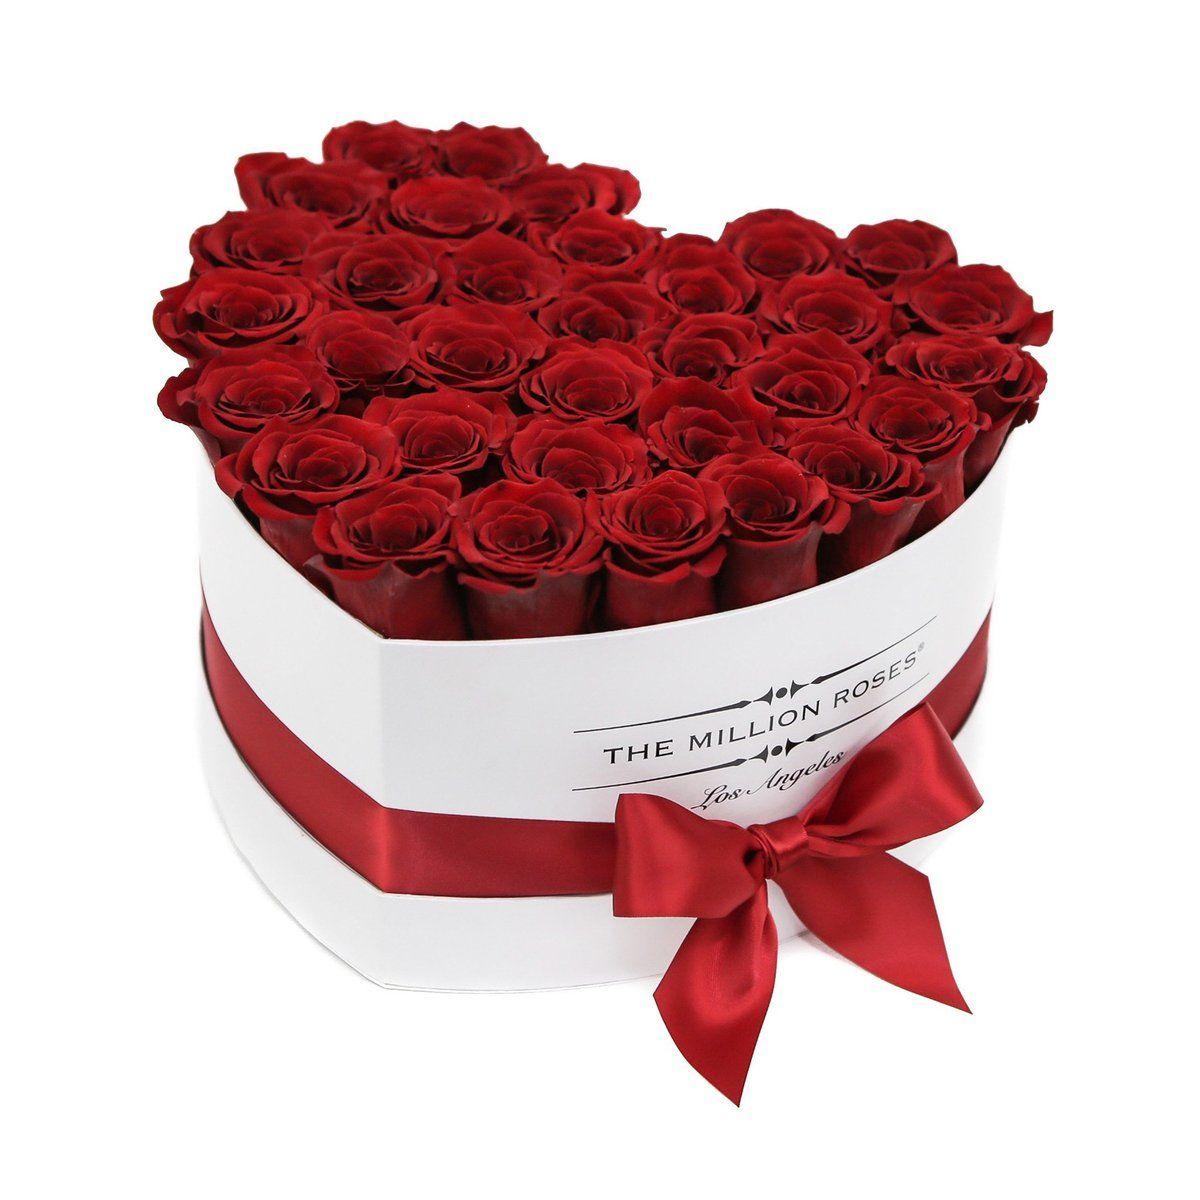 Love Box White Red Roses Red Eternity Roses The Million Roses Million Roses Luxury Flowers Rose